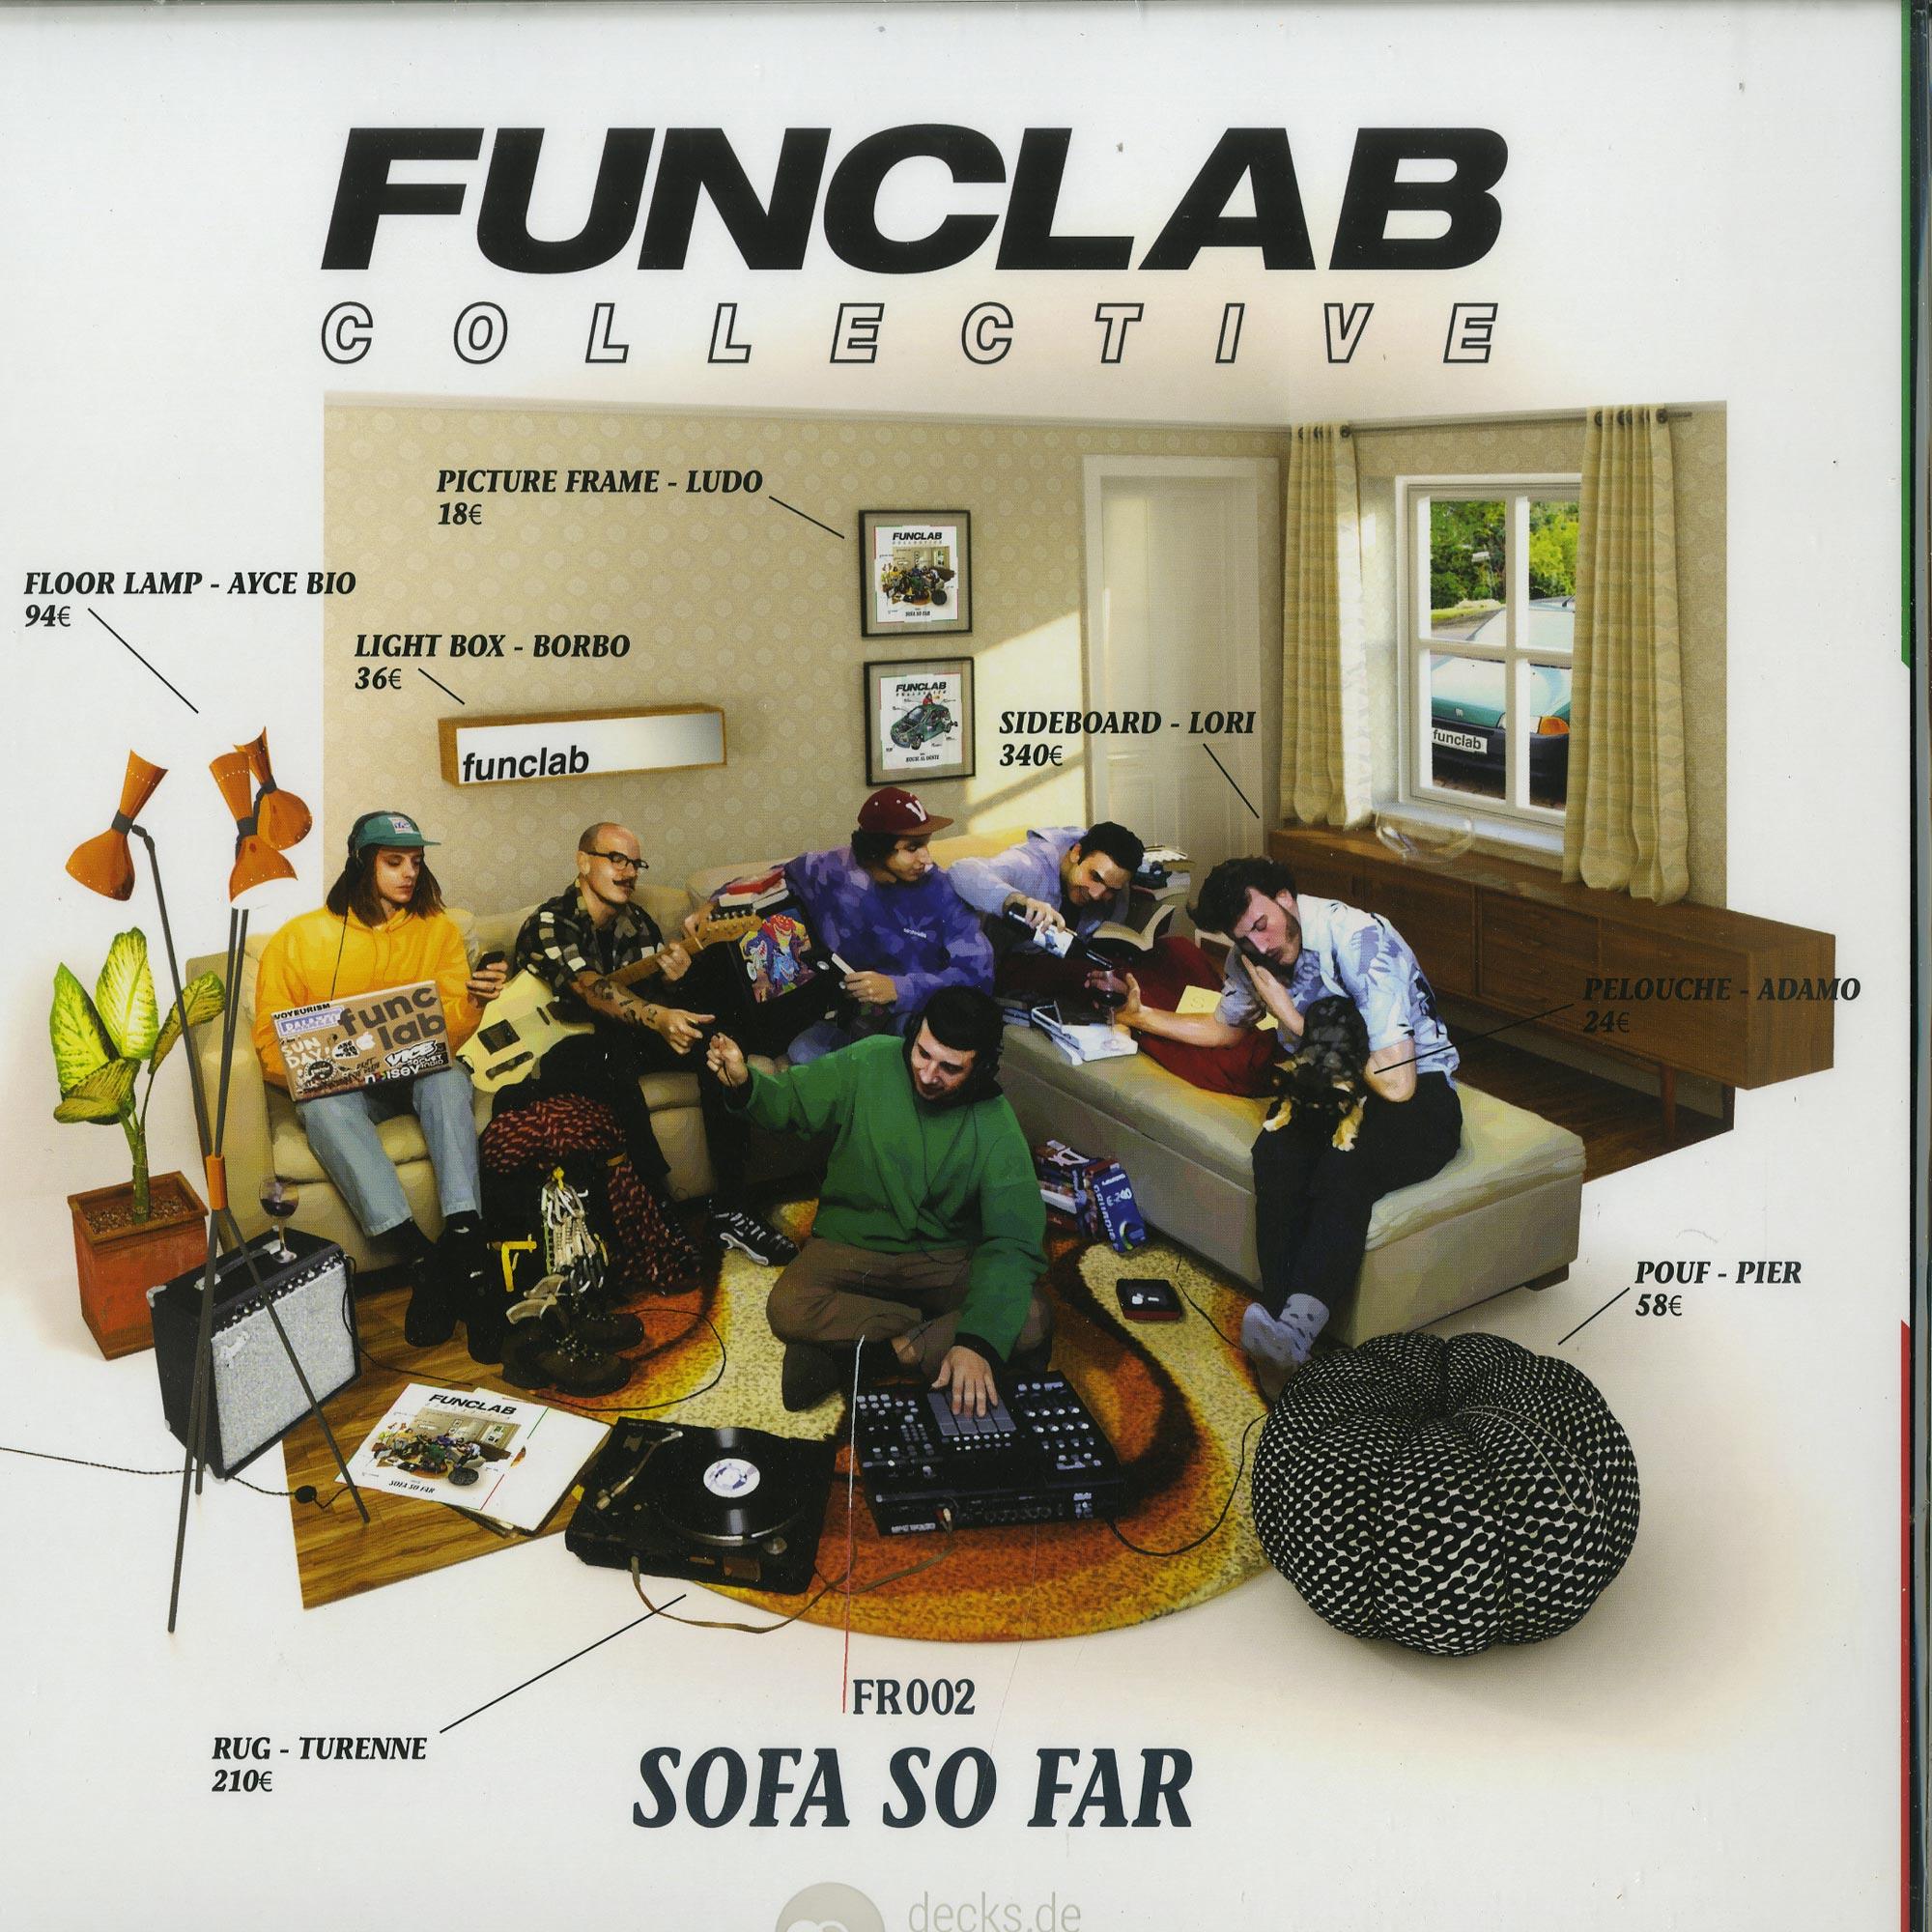 Funclap Collective - SOFA SO FAR